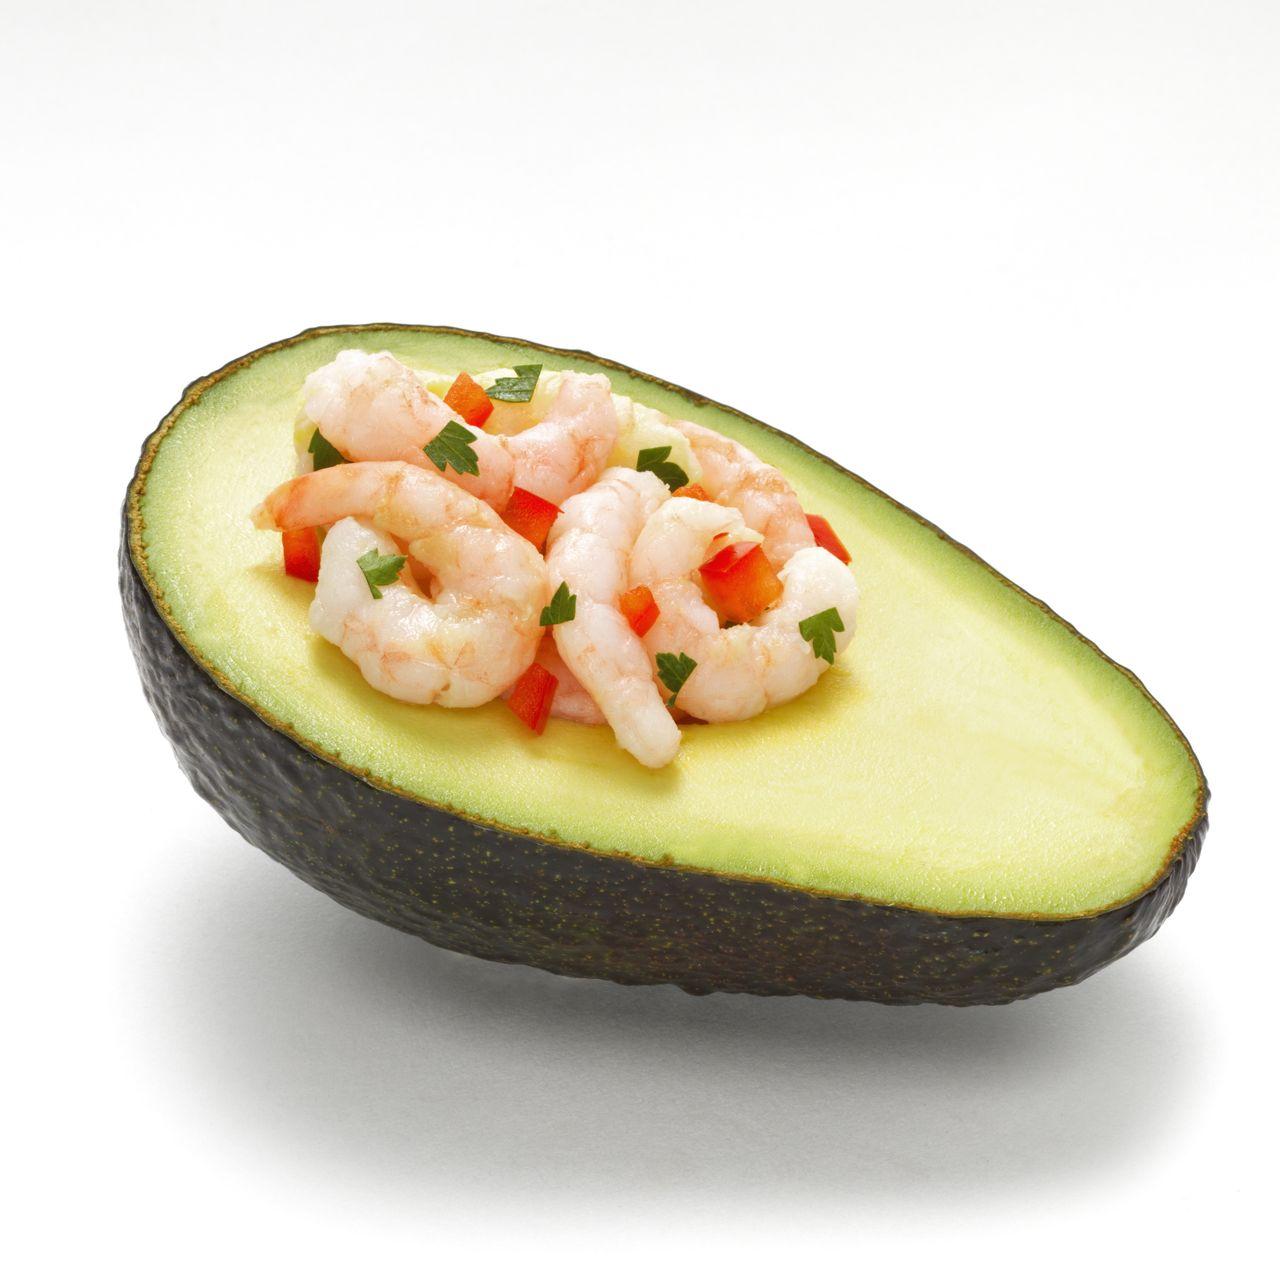 Avocado and Shrimp